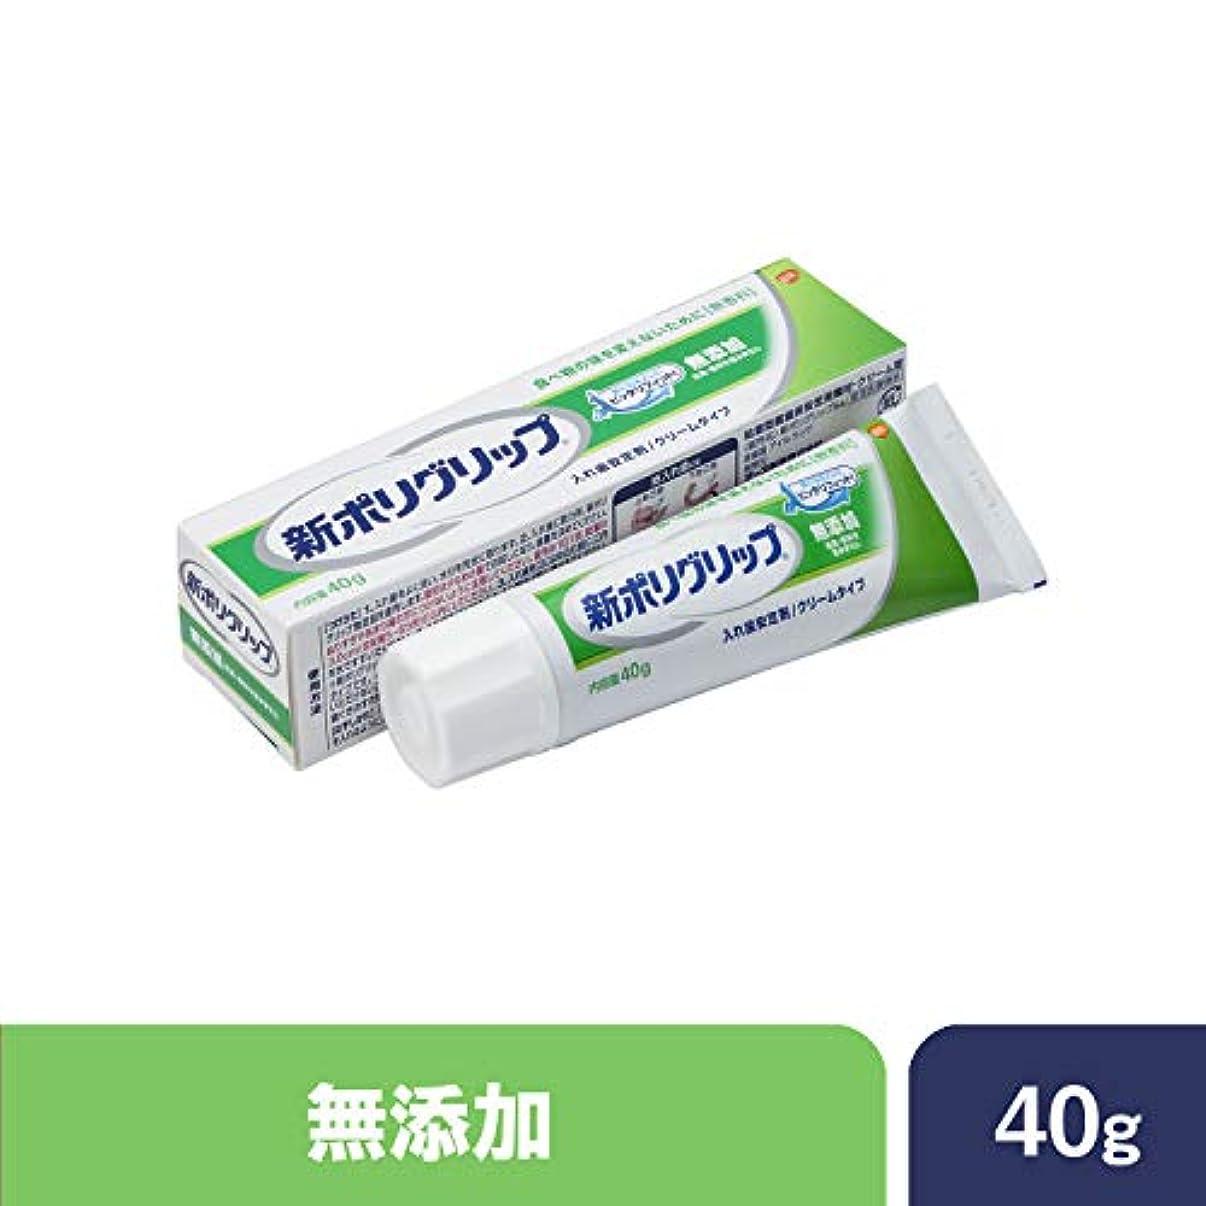 演劇アラート明るくする部分?総入れ歯安定剤 新ポリグリップ 無添加(色素?香料を含みません) 40g